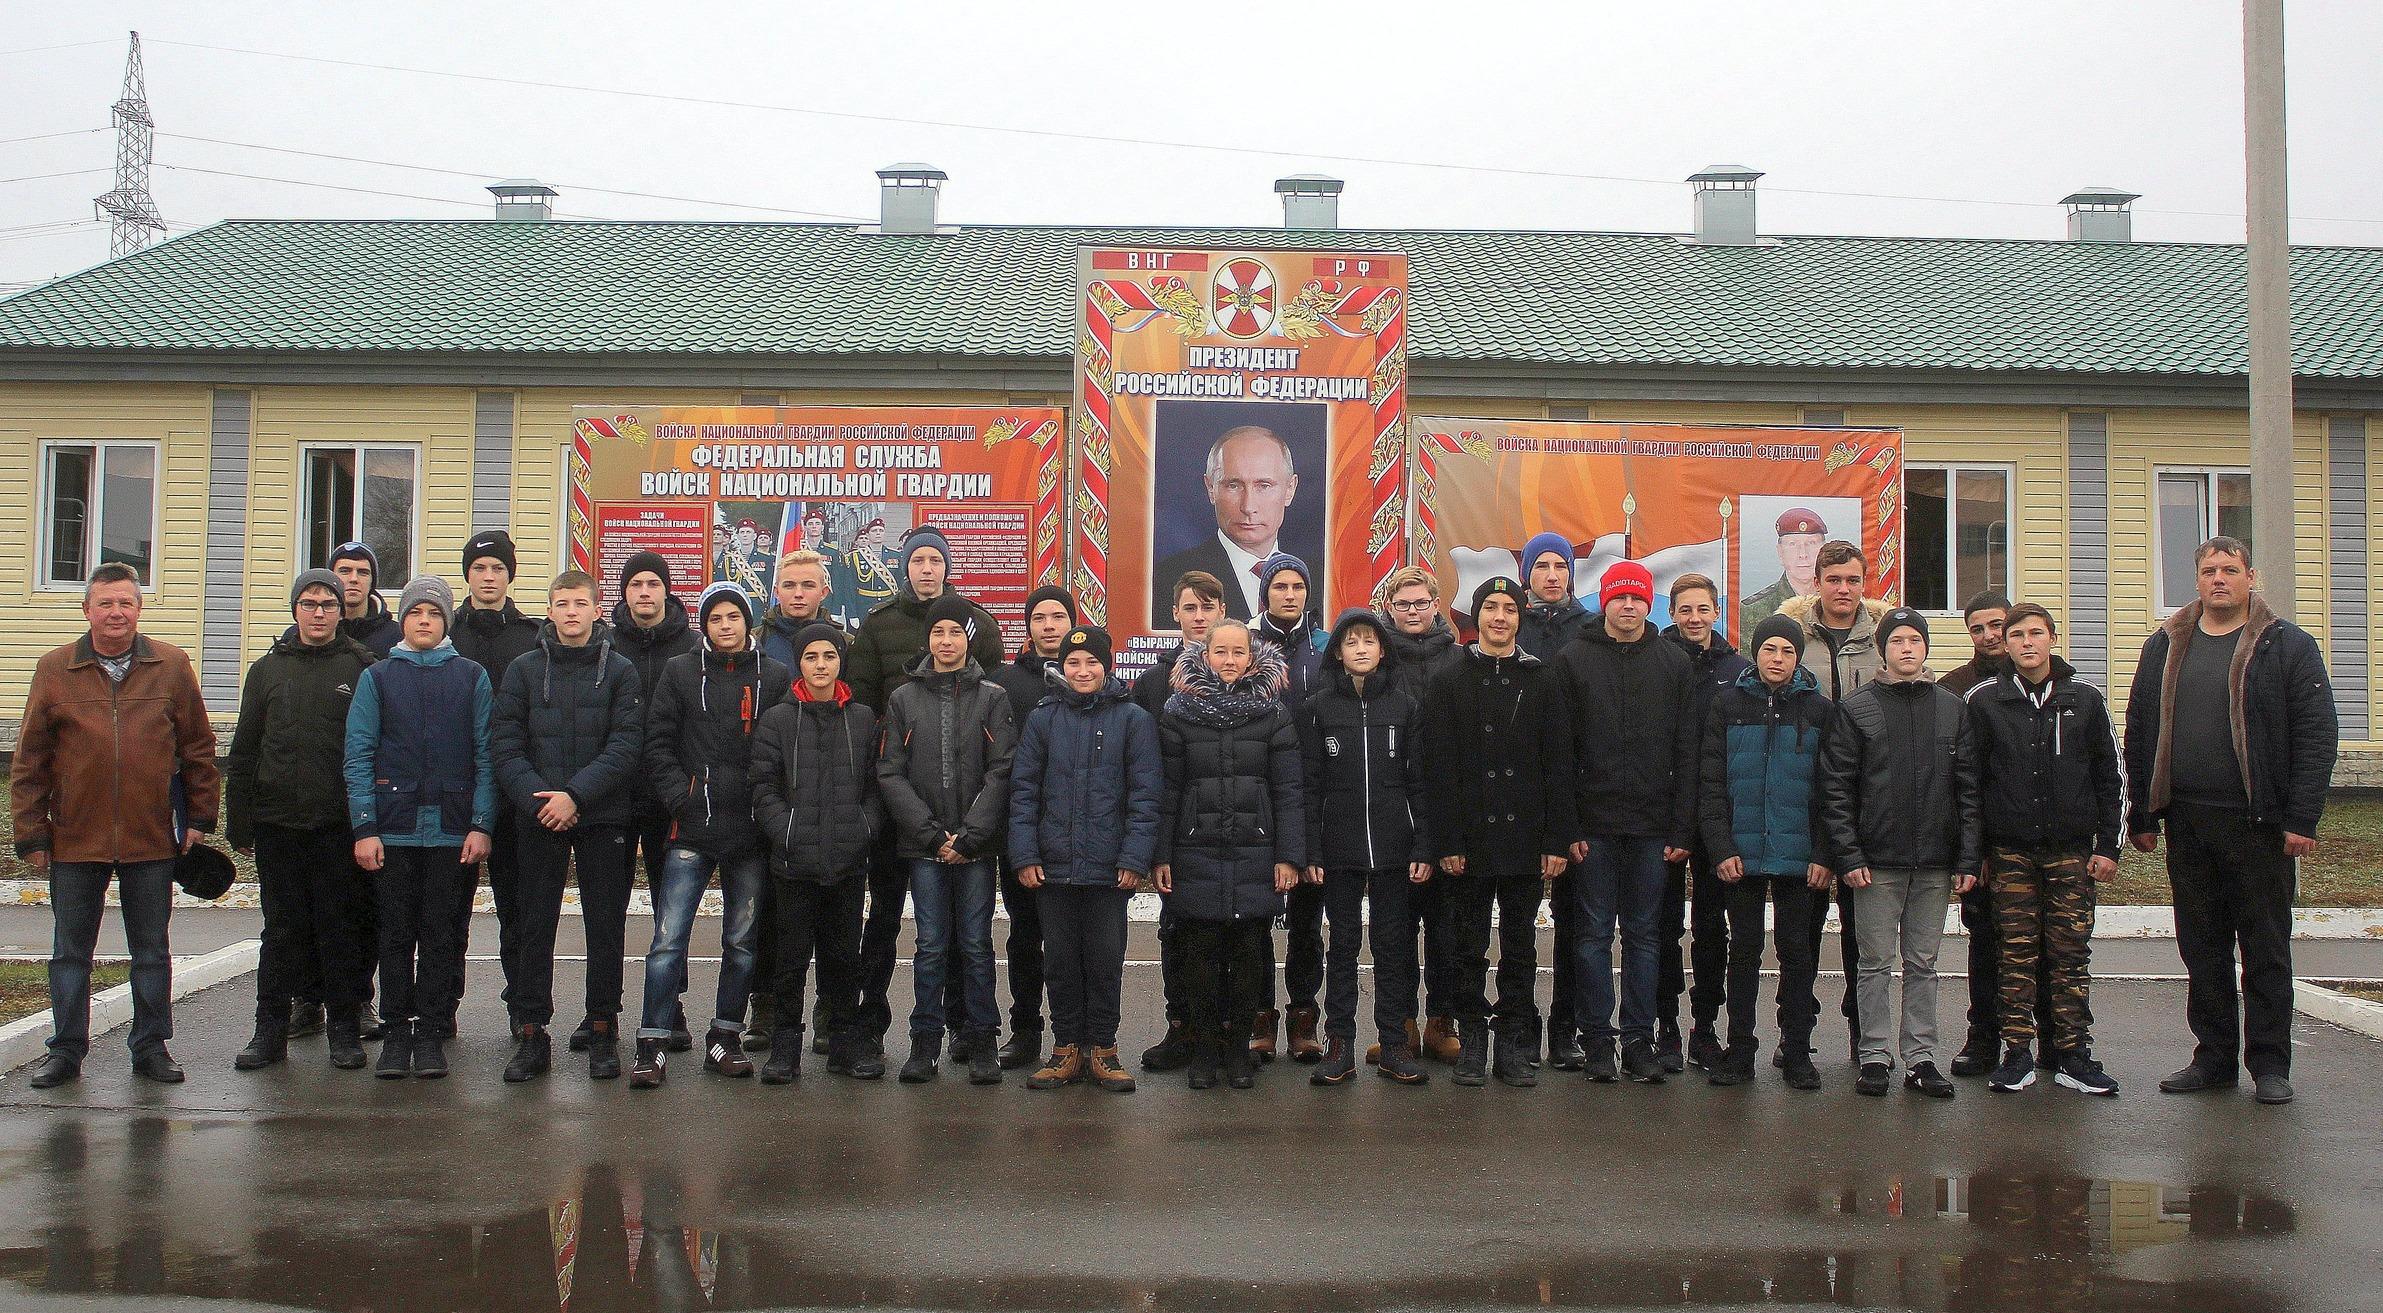 Донцы Романовского юрта готовятся пополнить ряды вооруженных сил России